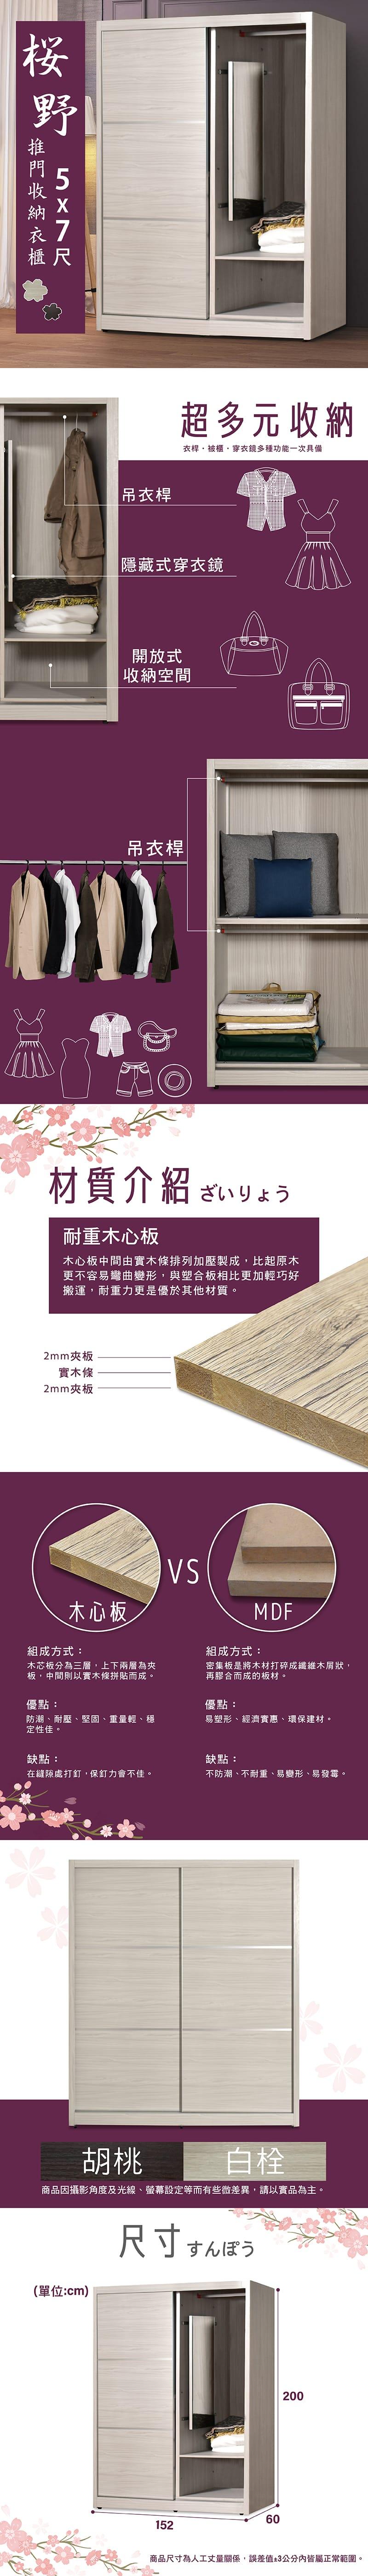 滑門收納置物衣櫃 寬152cm【櫻野】